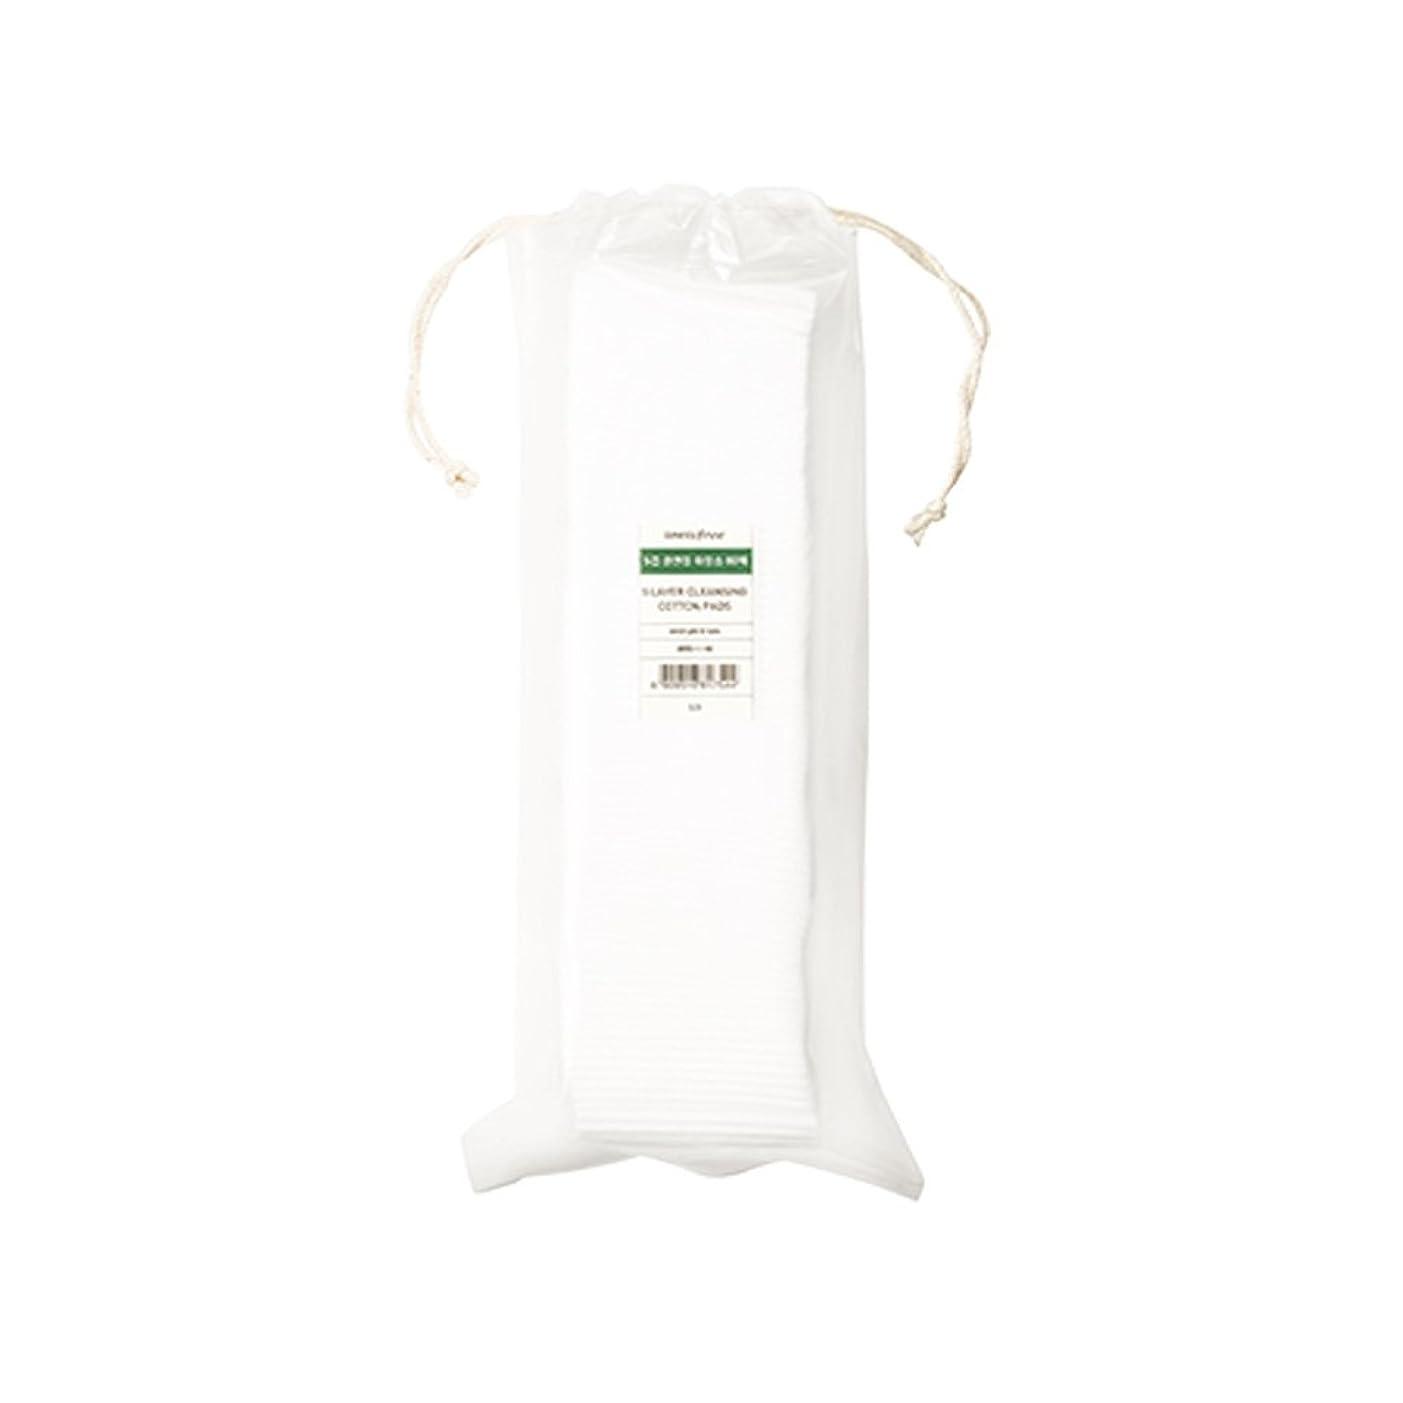 イニスフリー美容ツール5層クレンジングコットンパッド / Innisfree Beauty Tool 5 Layers Cleansing Cotton Pads[並行輸入品][海外直送品]